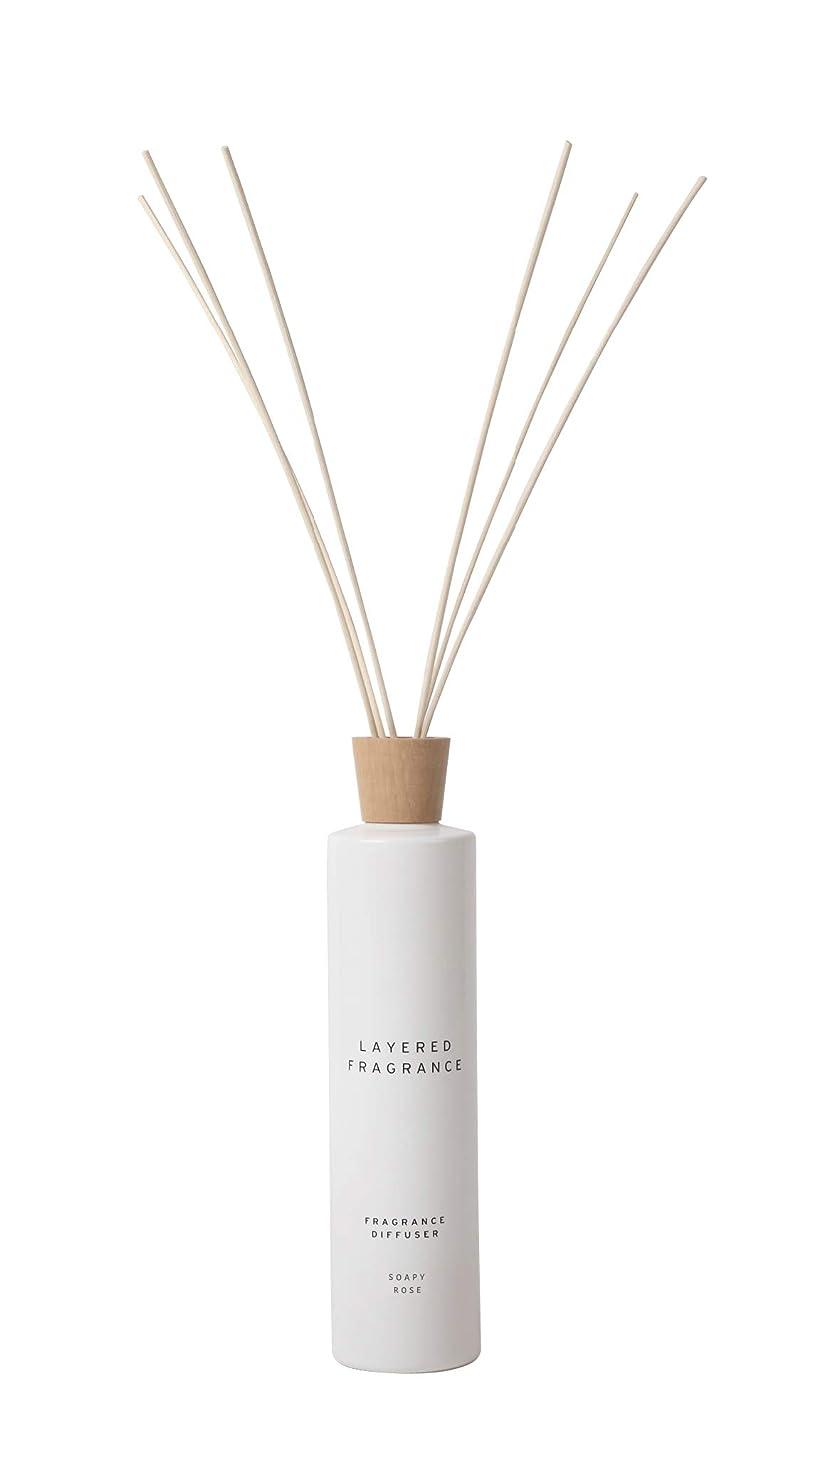 パラナ川食事バルク空間ごとに香りを使い分けて楽しむ レイヤードフレグランス フレグランスディフューザー ソーピーローズ 500ml